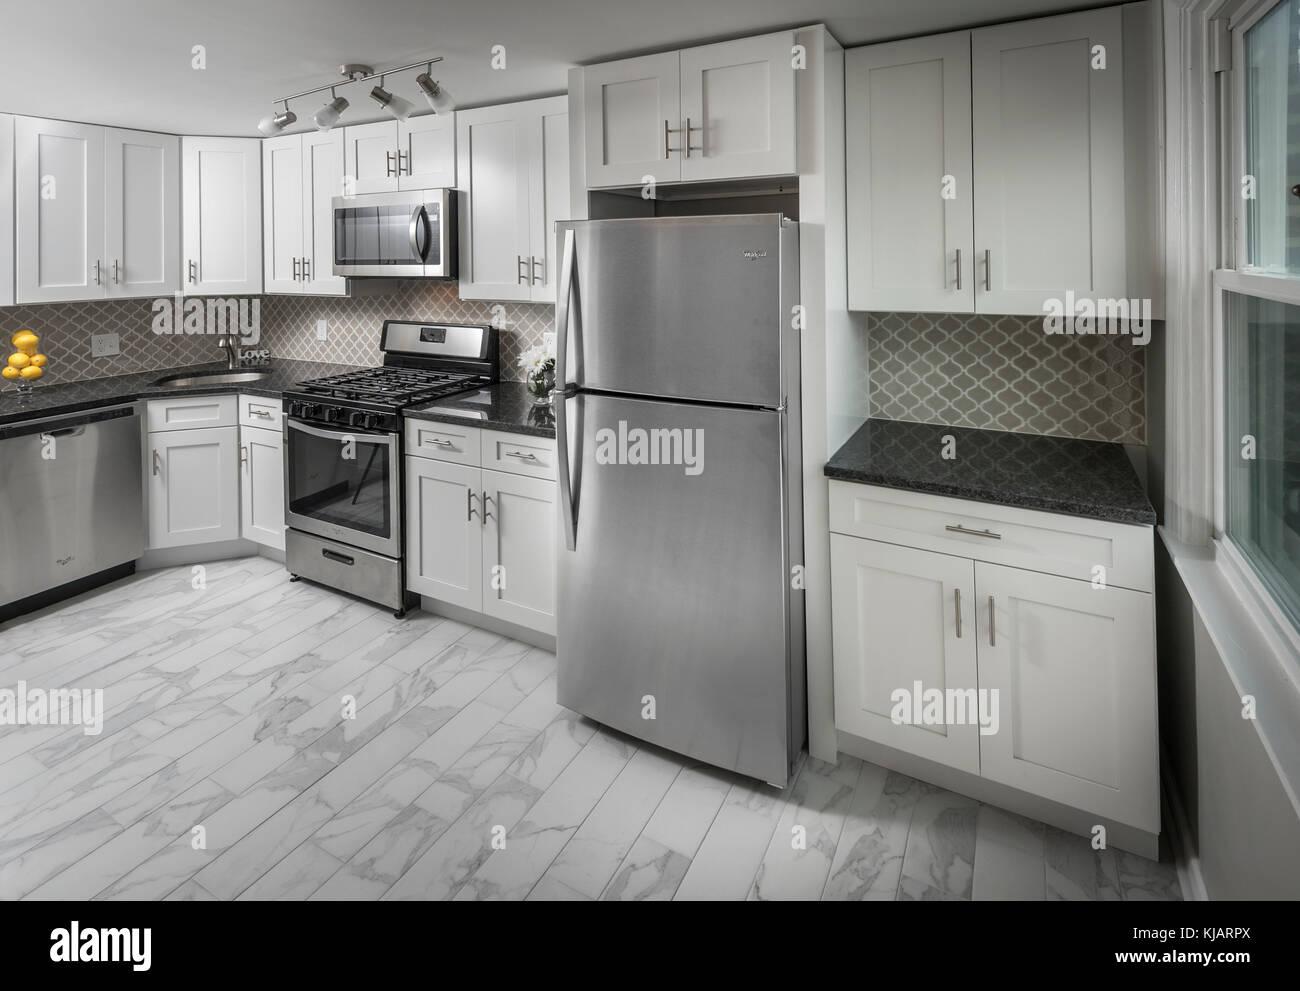 Vuoto vacante in cucina nella piccola casa residenziale Immagini Stock